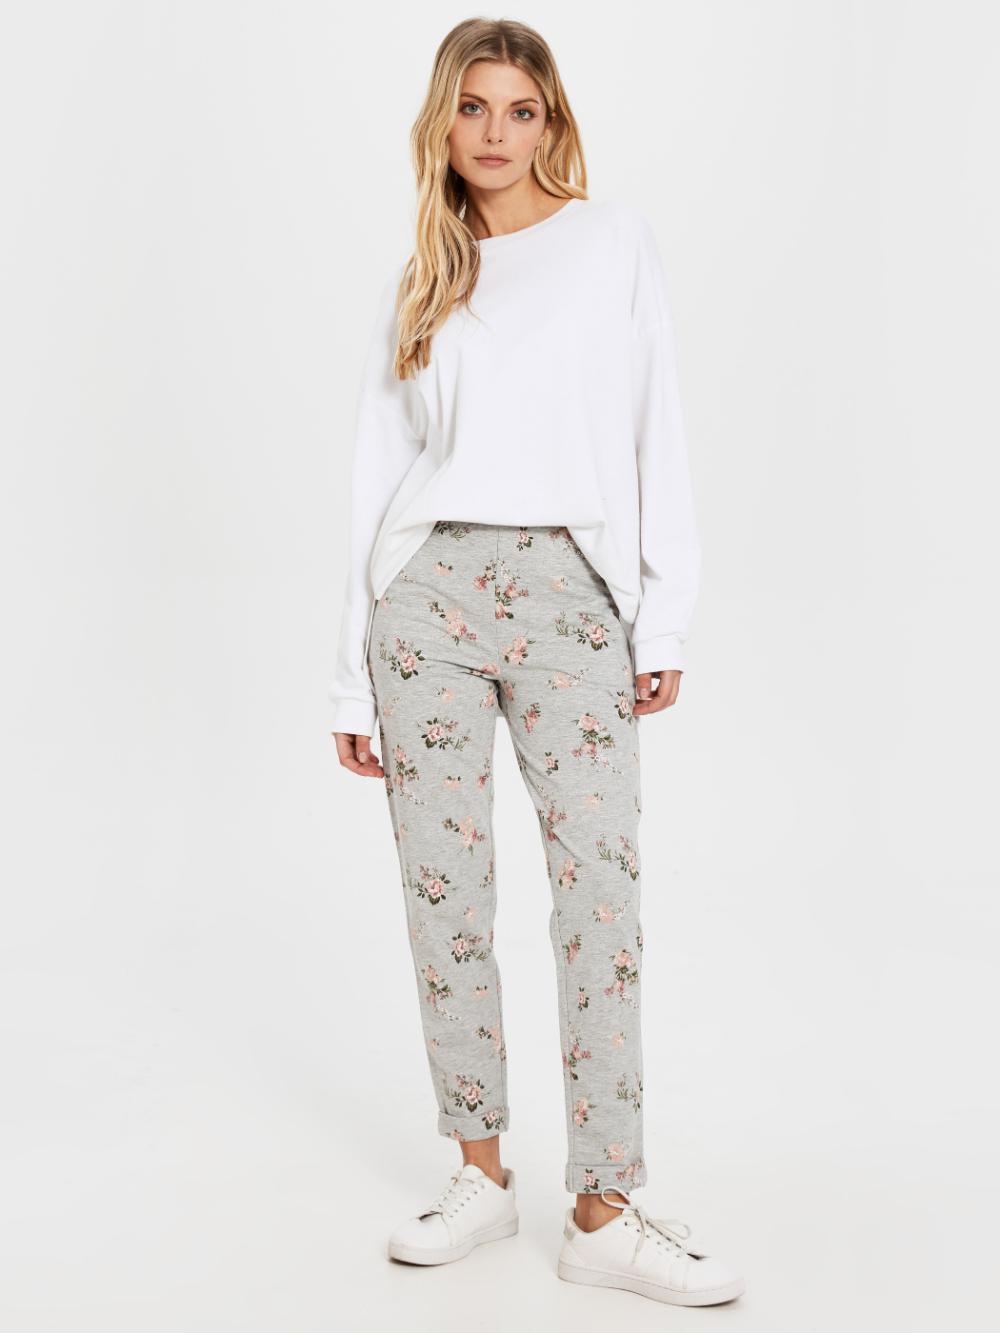 خرید اینترنتی شلوار راحتی طرح گل طوسی زنانه السیوایکیکی فروشگاه اینترنتی لباس زنانه In 2020 Pajamas Fashion Pajama Pants